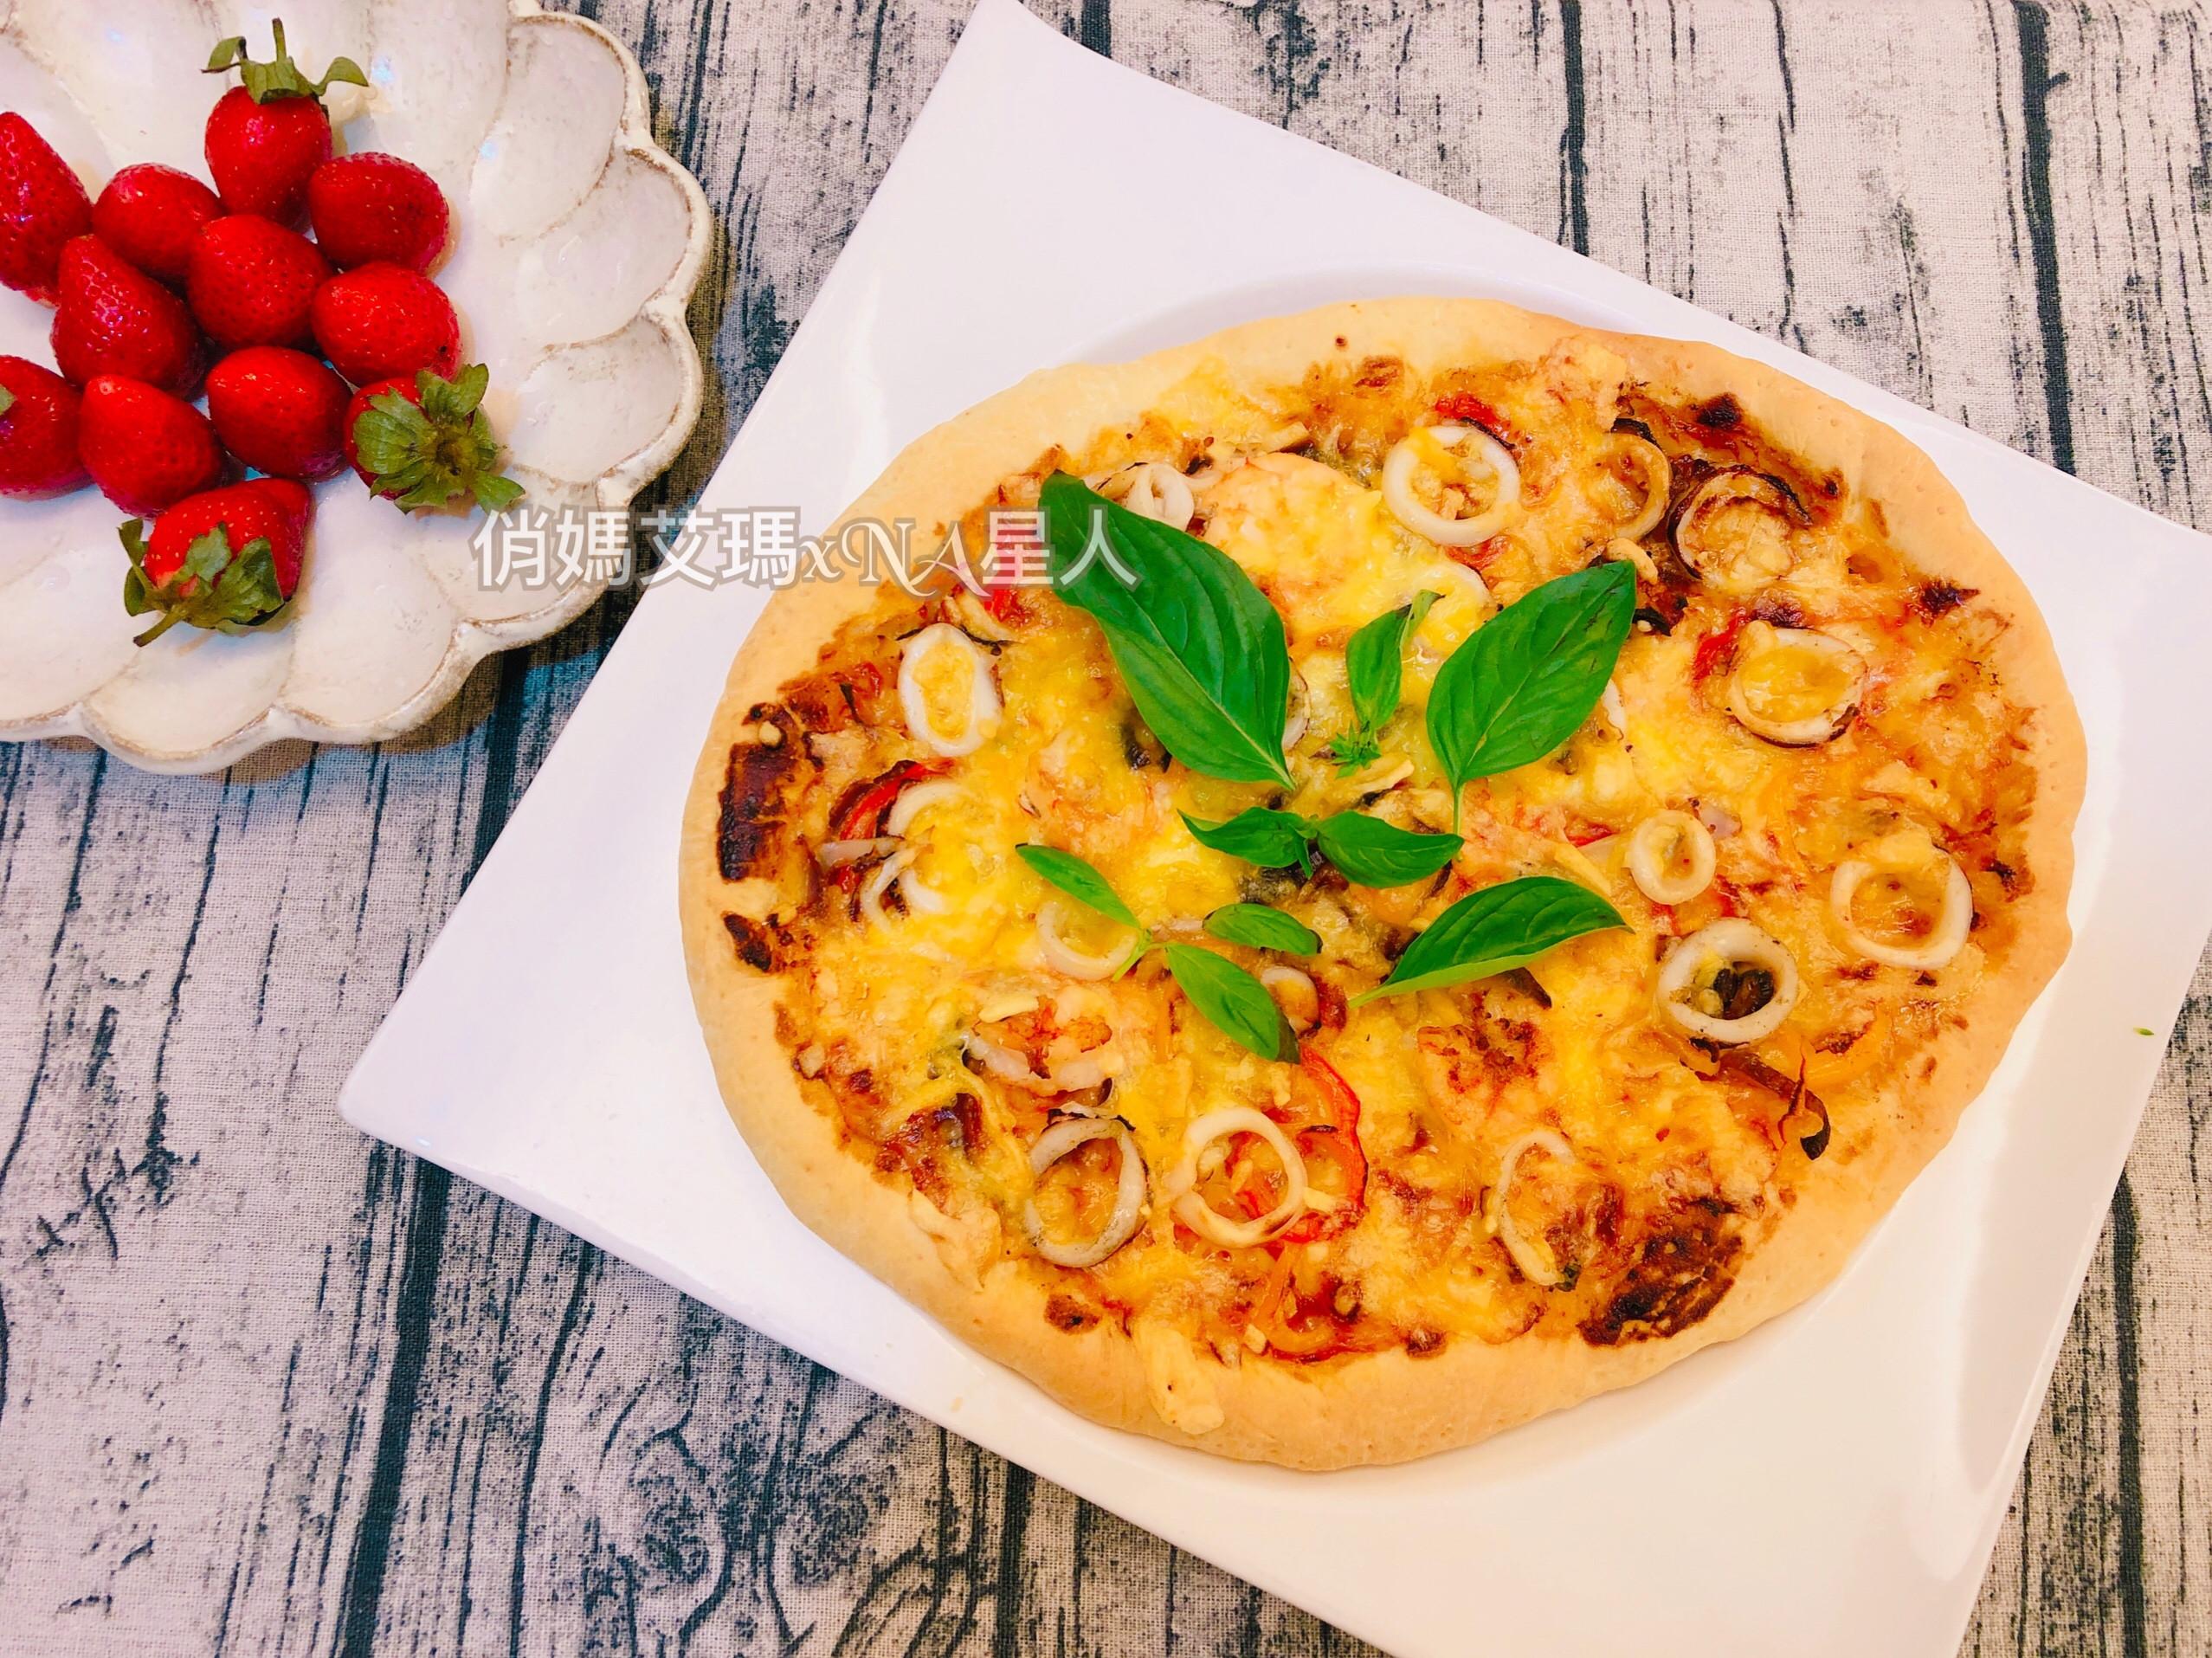 海鮮彩椒披薩